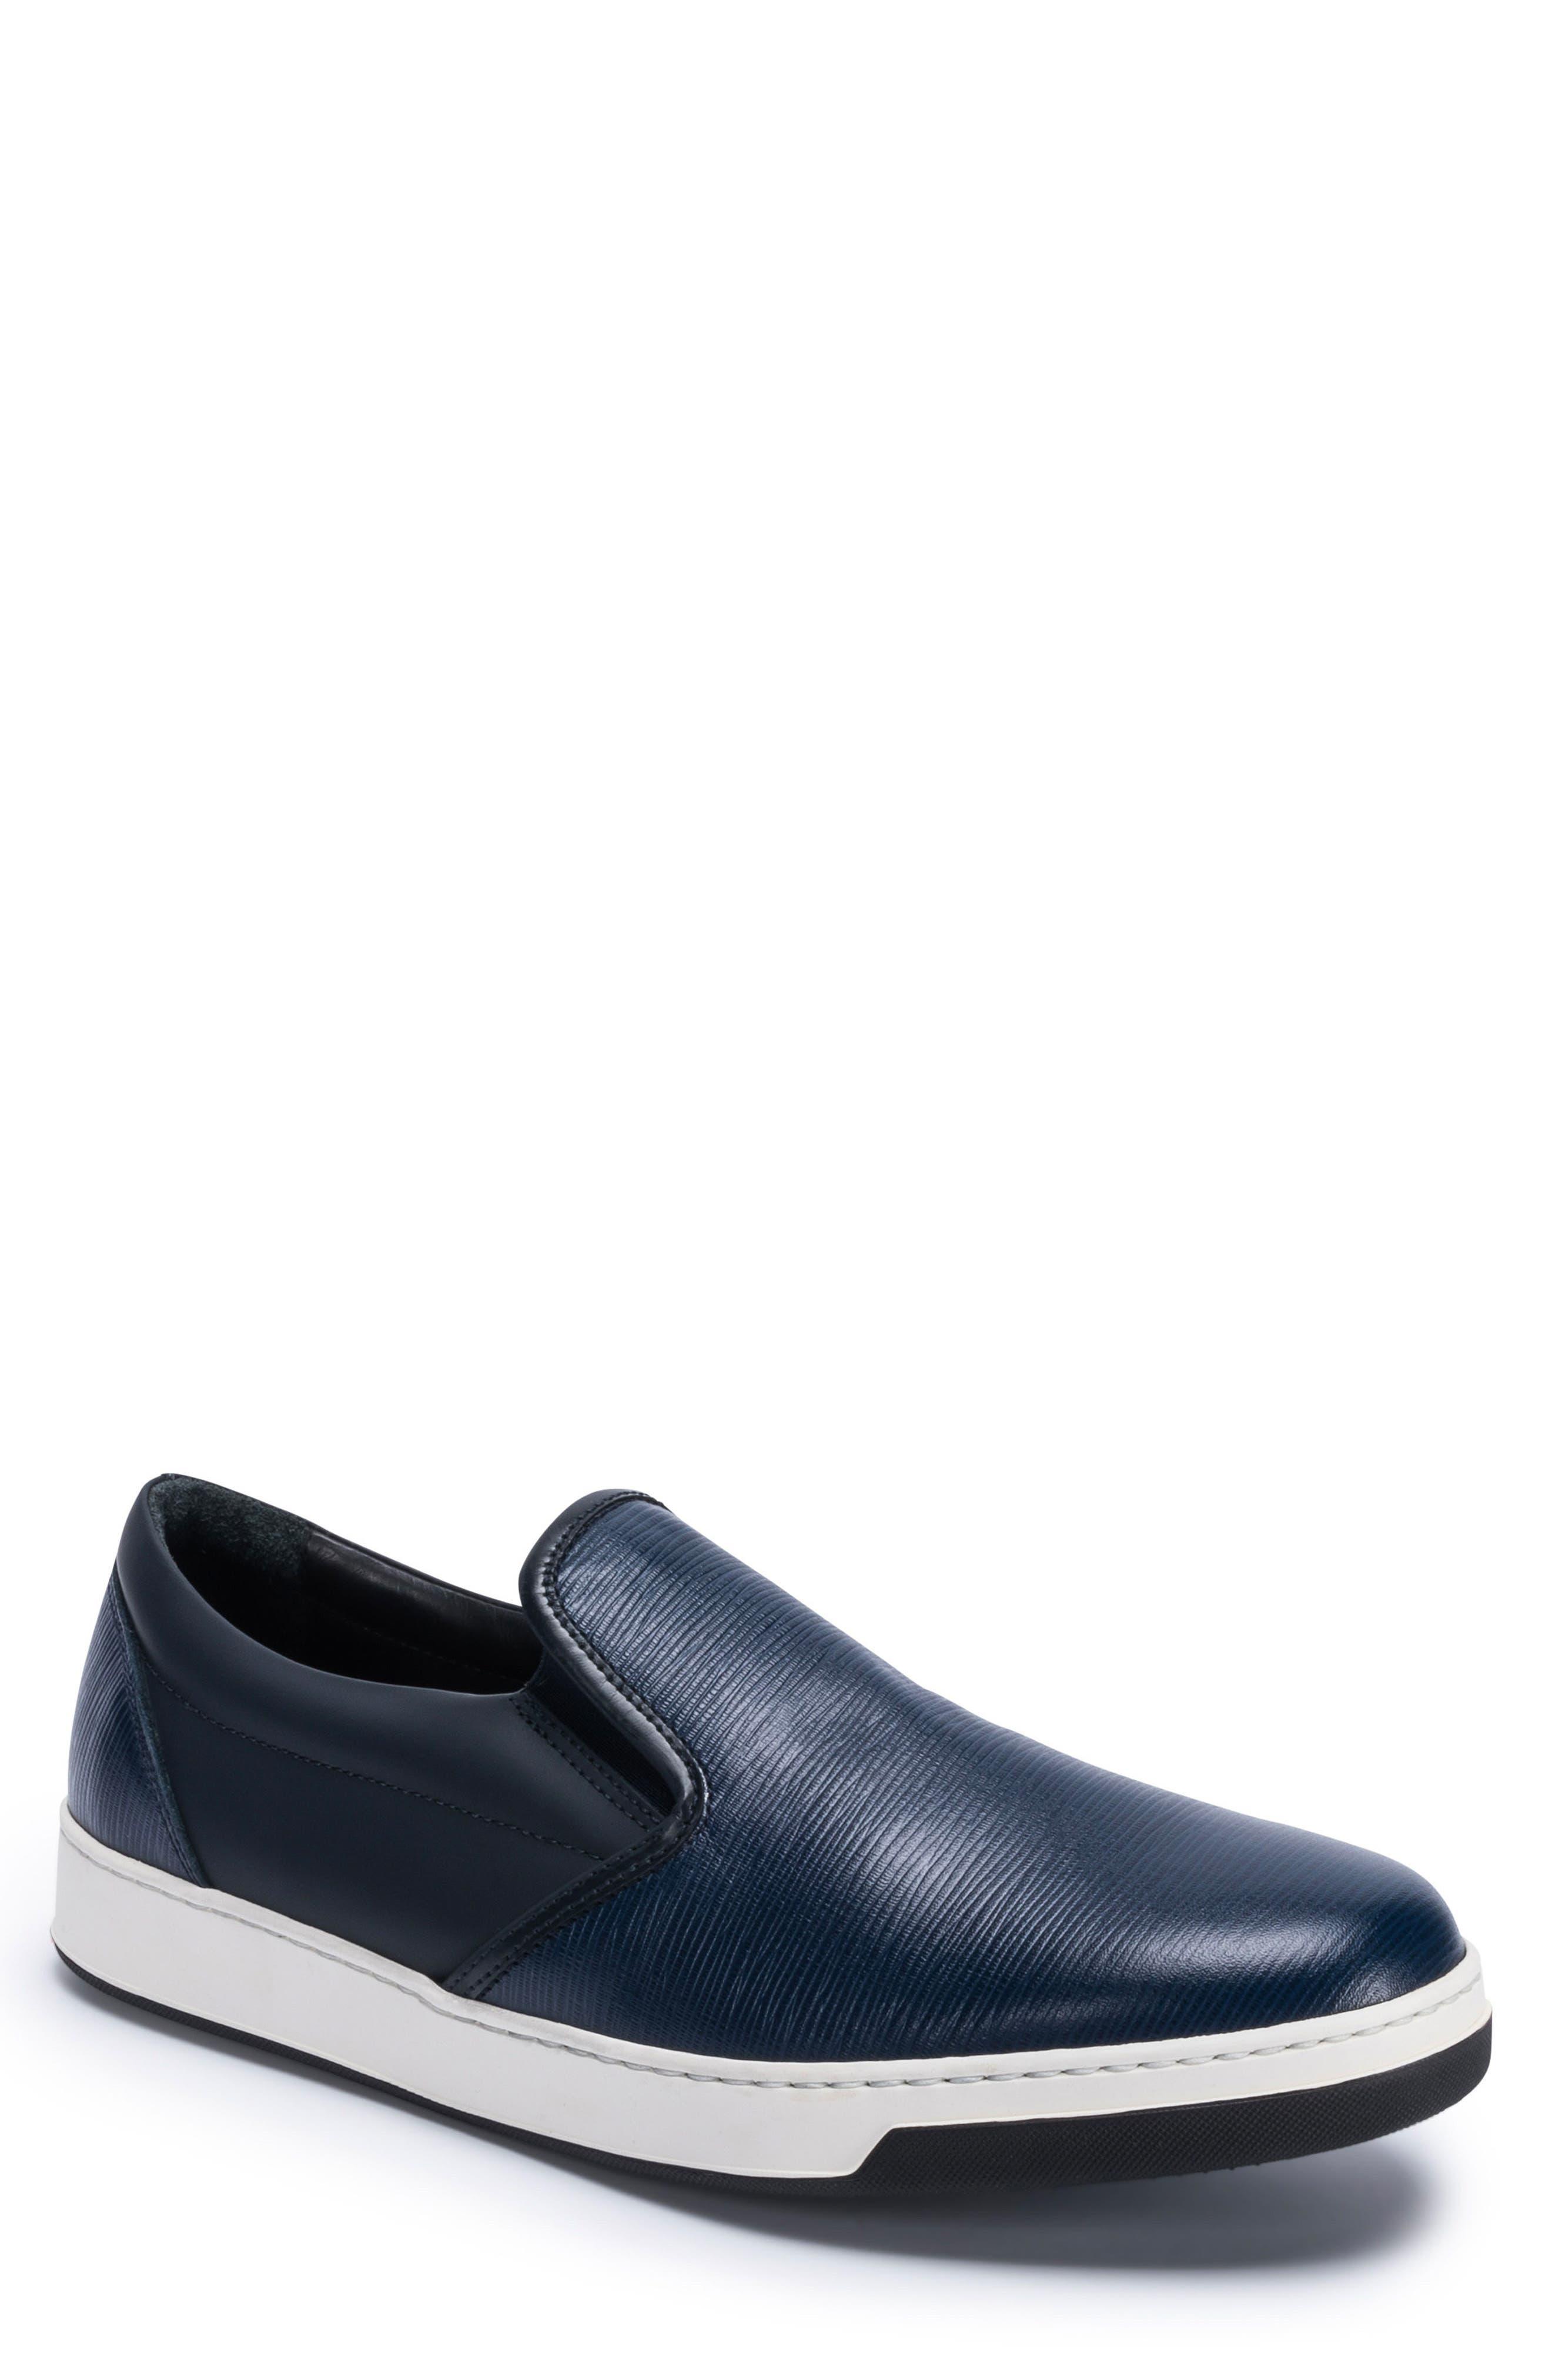 Alternate Image 1 Selected - Bugatchi Santorini Slip-On Sneaker (Men)